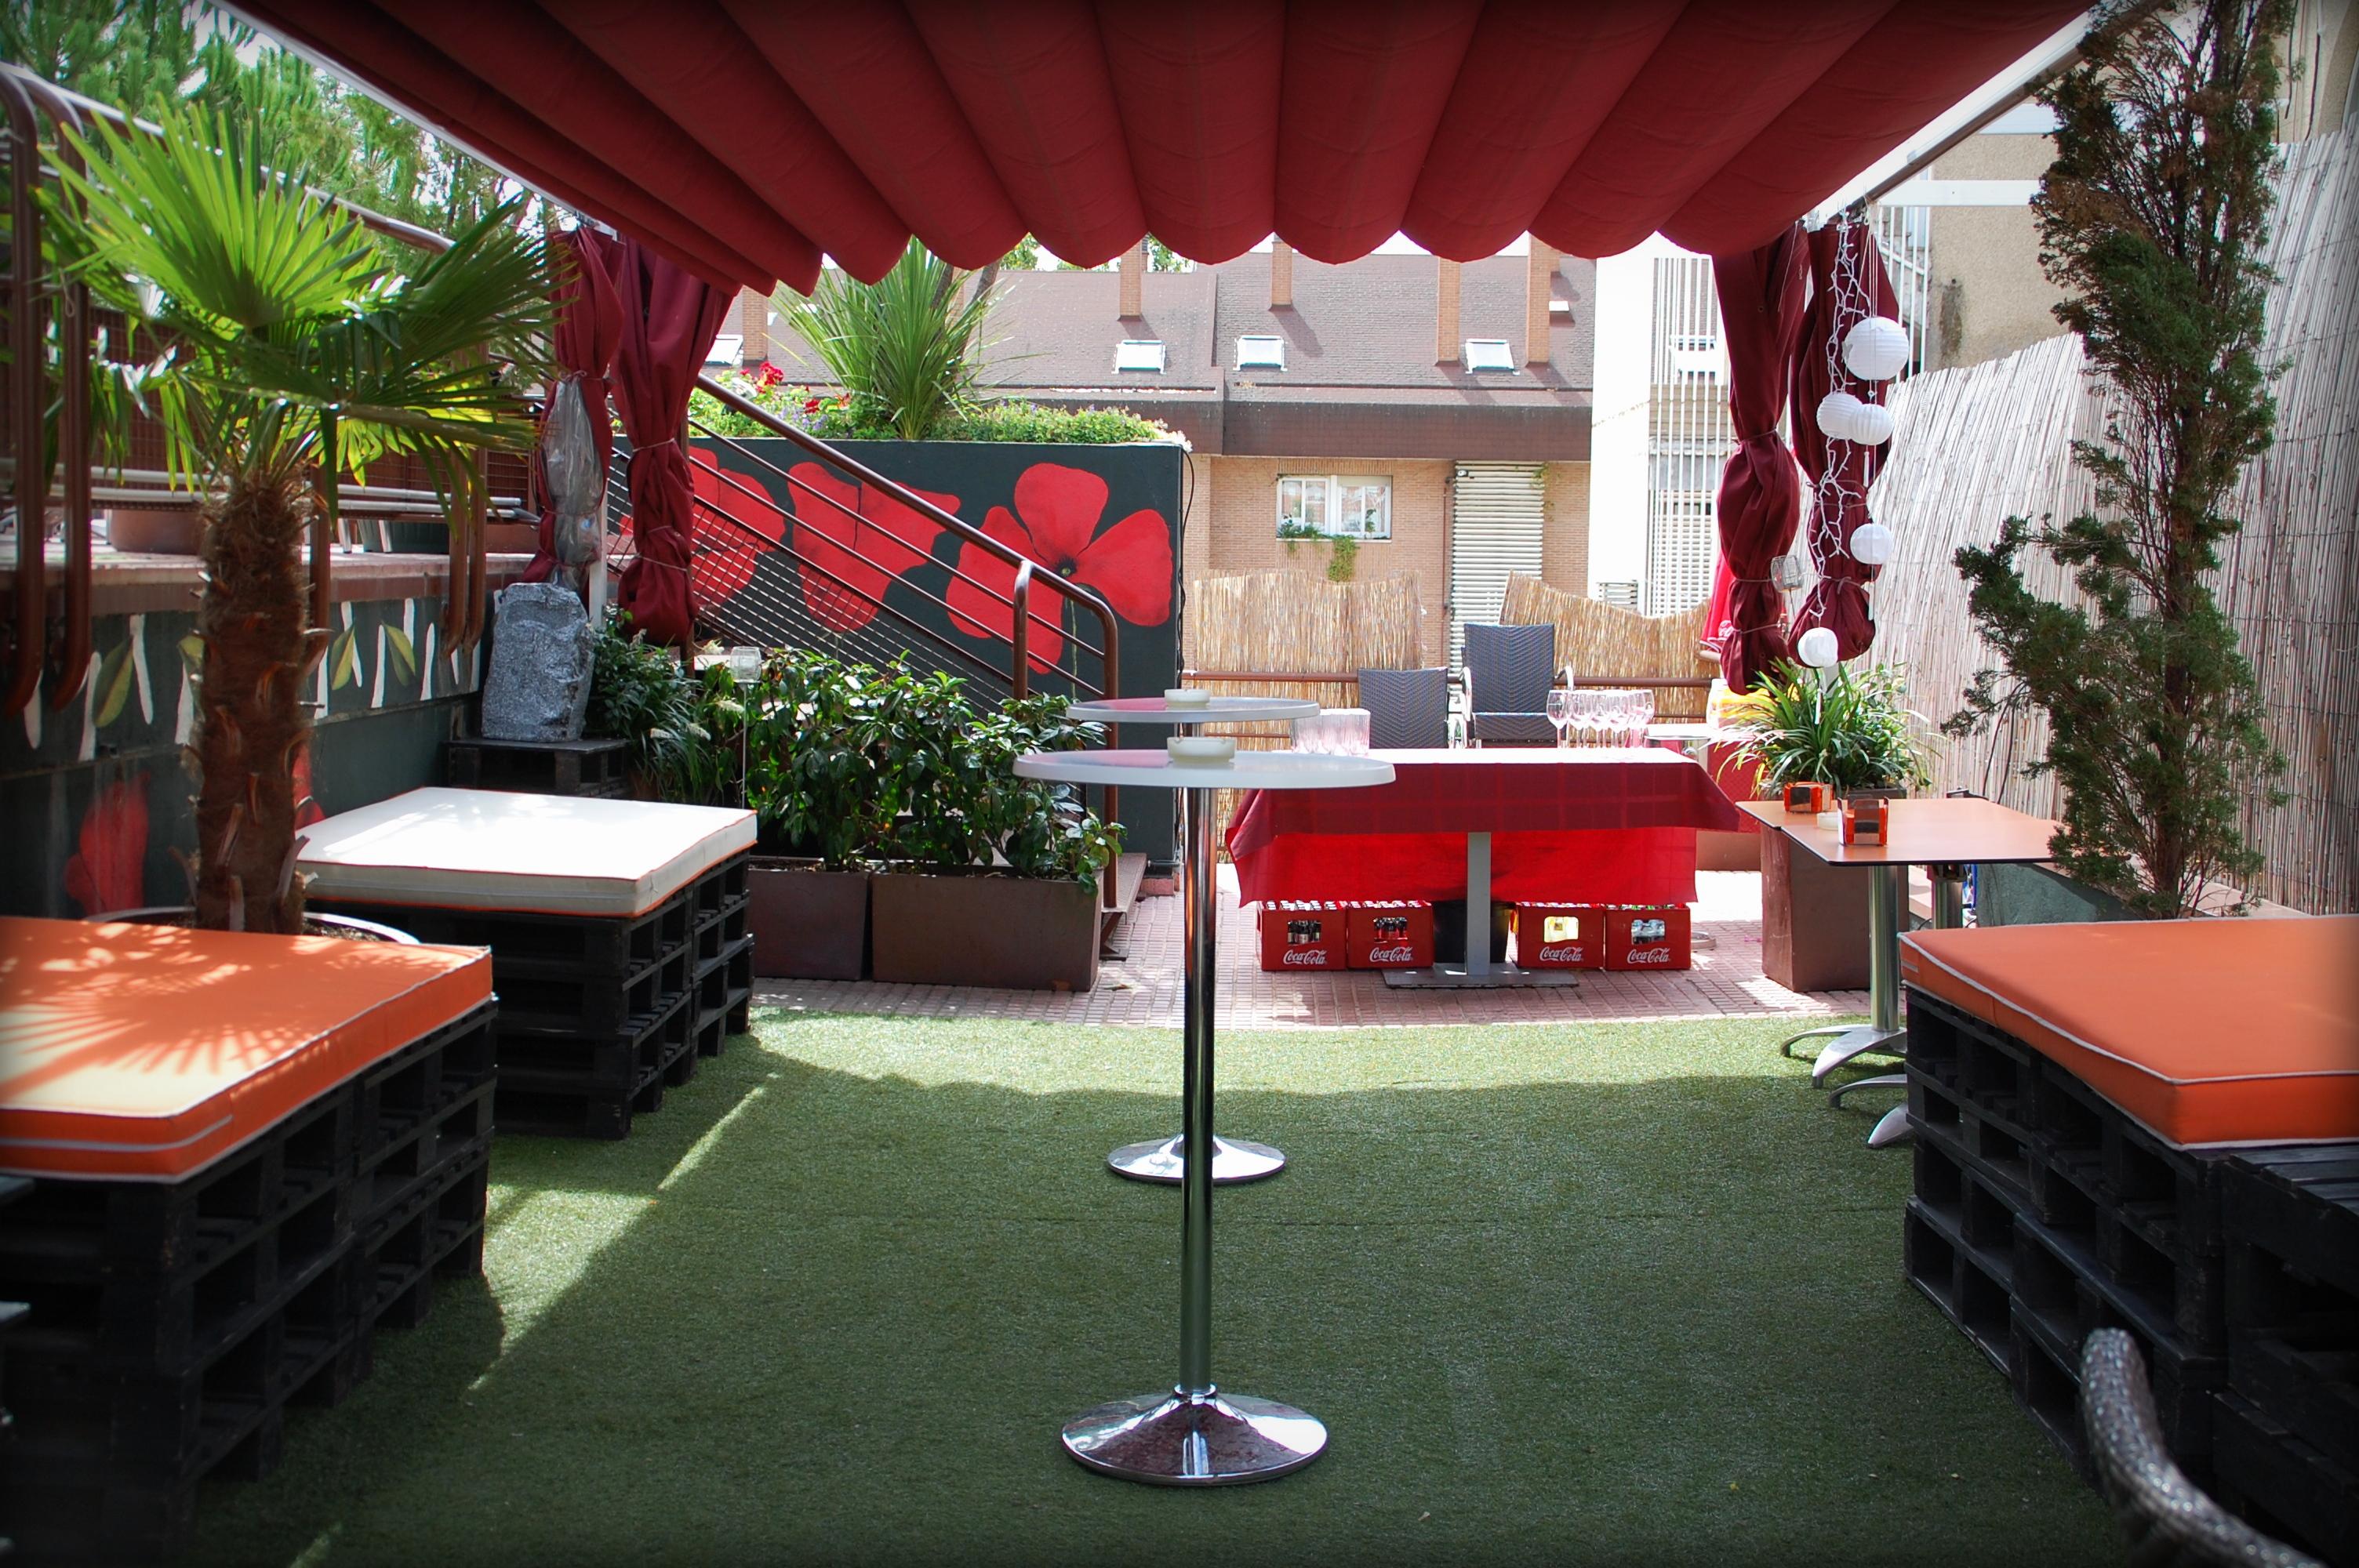 La alternativa las rozas restaurante bar de copas - Terraza chill out ...